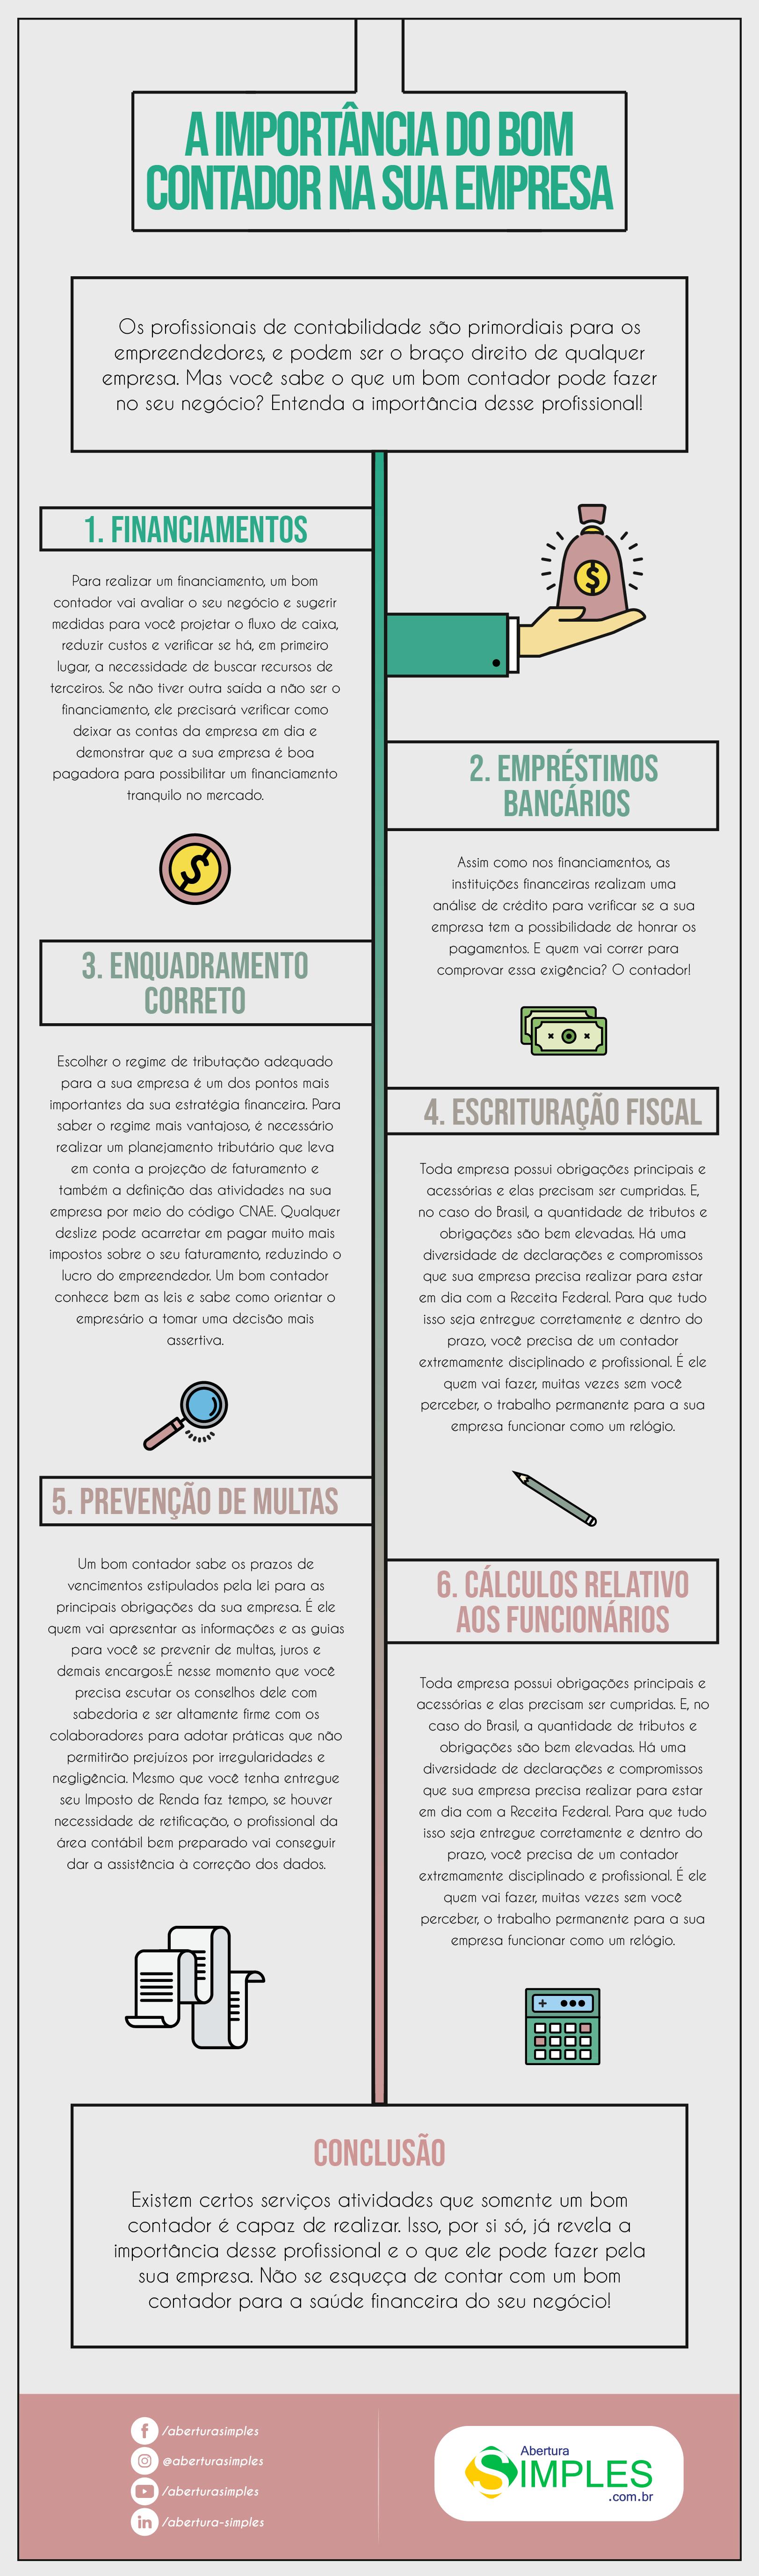 Infográfico descrevendo a importância do contador